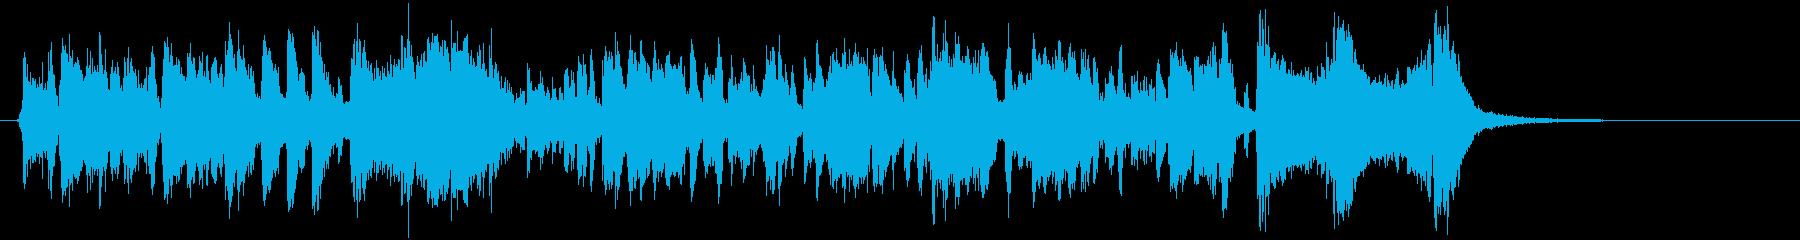 生演奏!バッキバキなホーンの短いジングルの再生済みの波形